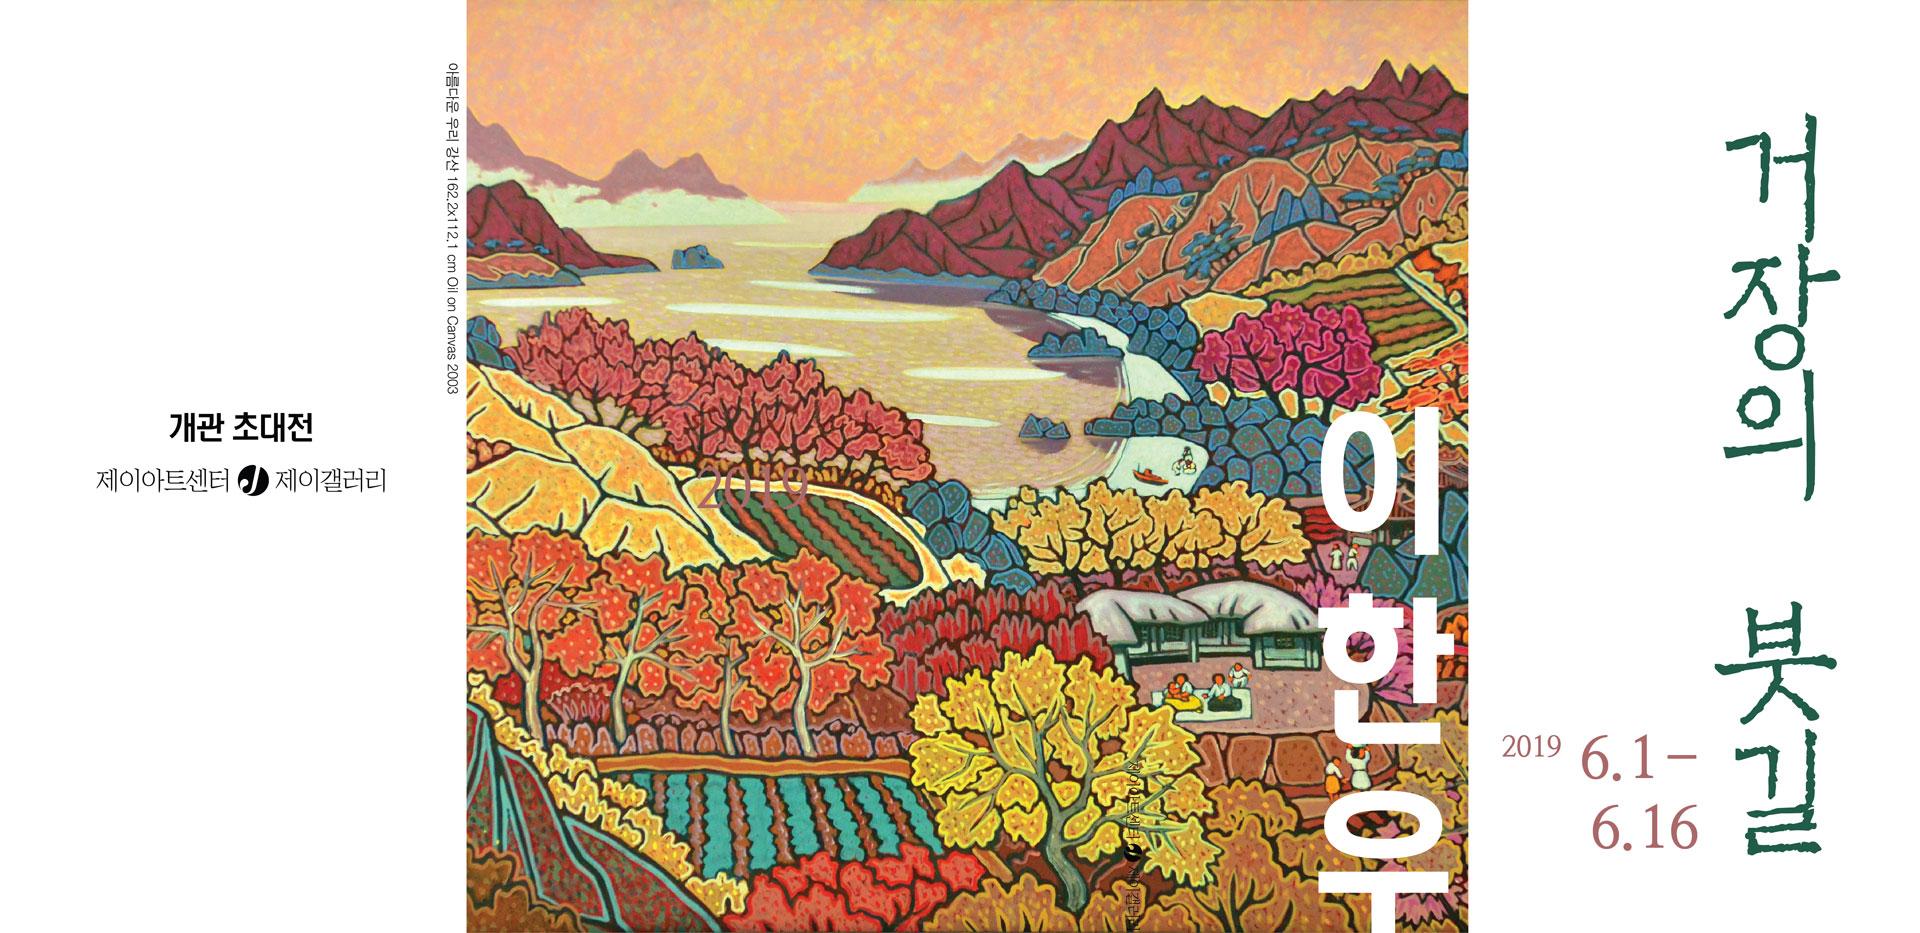 190430_월간미술_웹배너_이한우-04